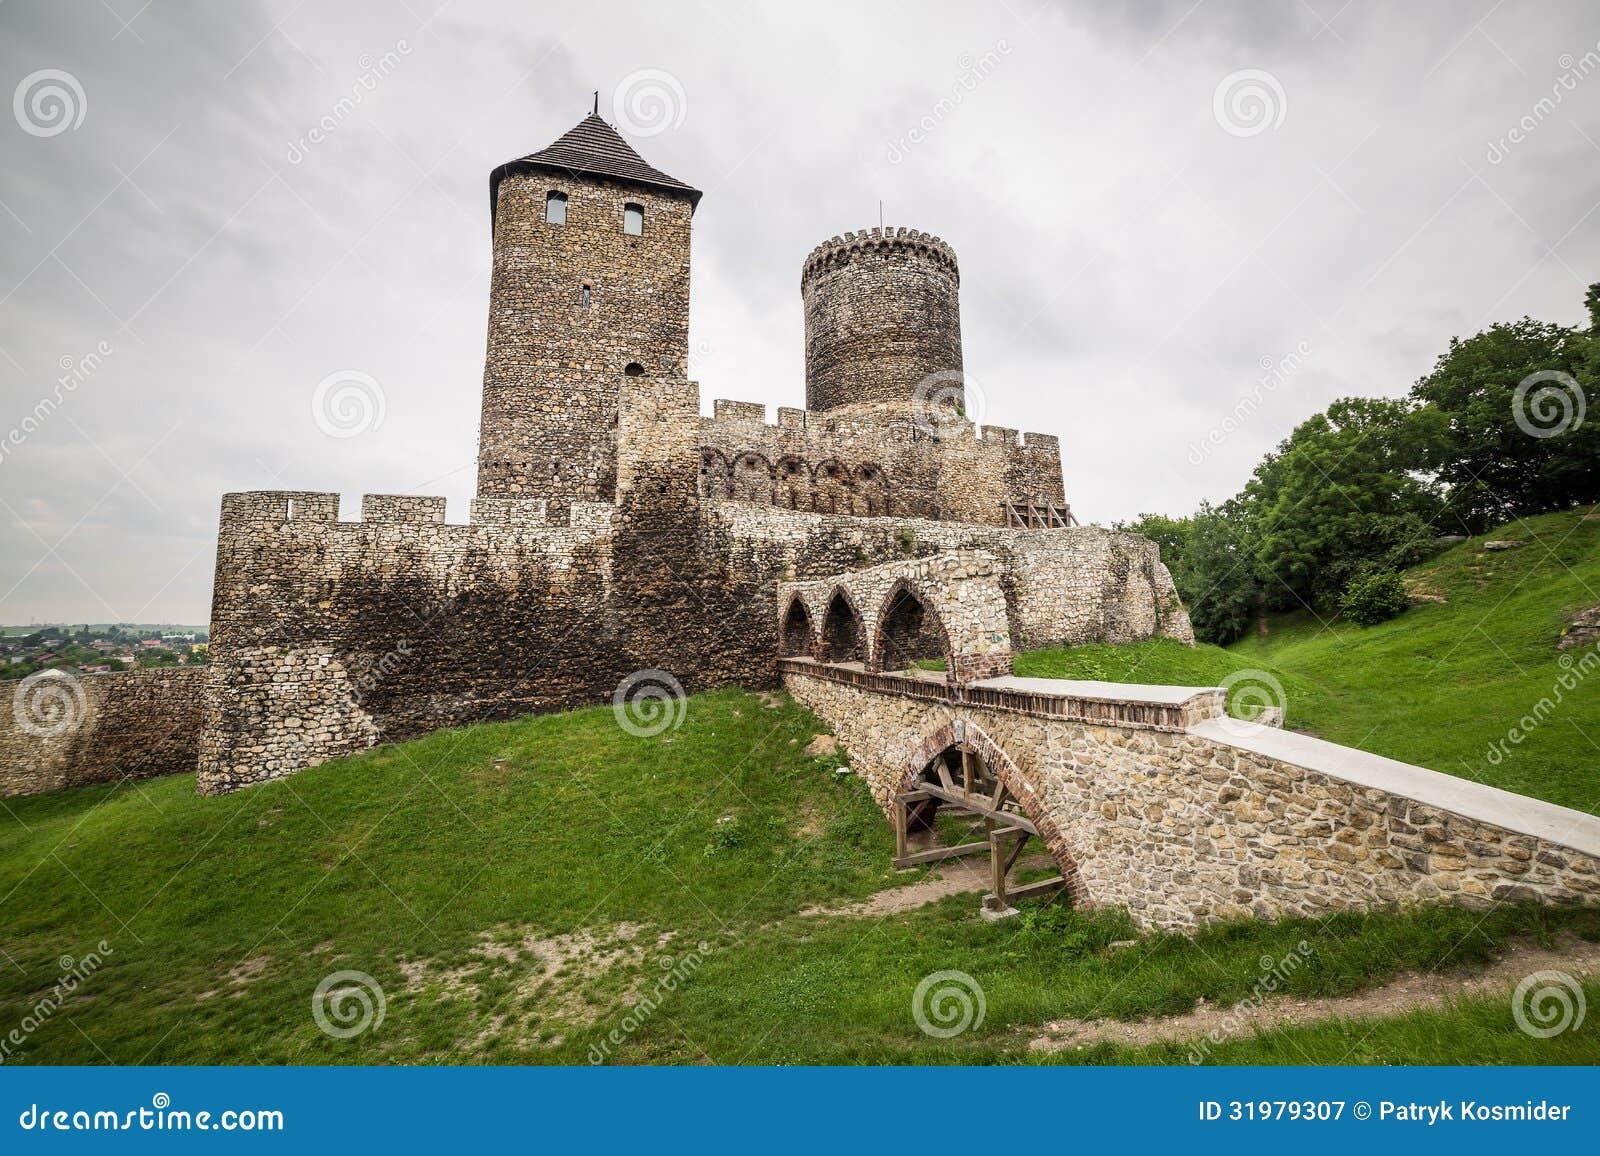 castle bedzin poland medieval - photo #2